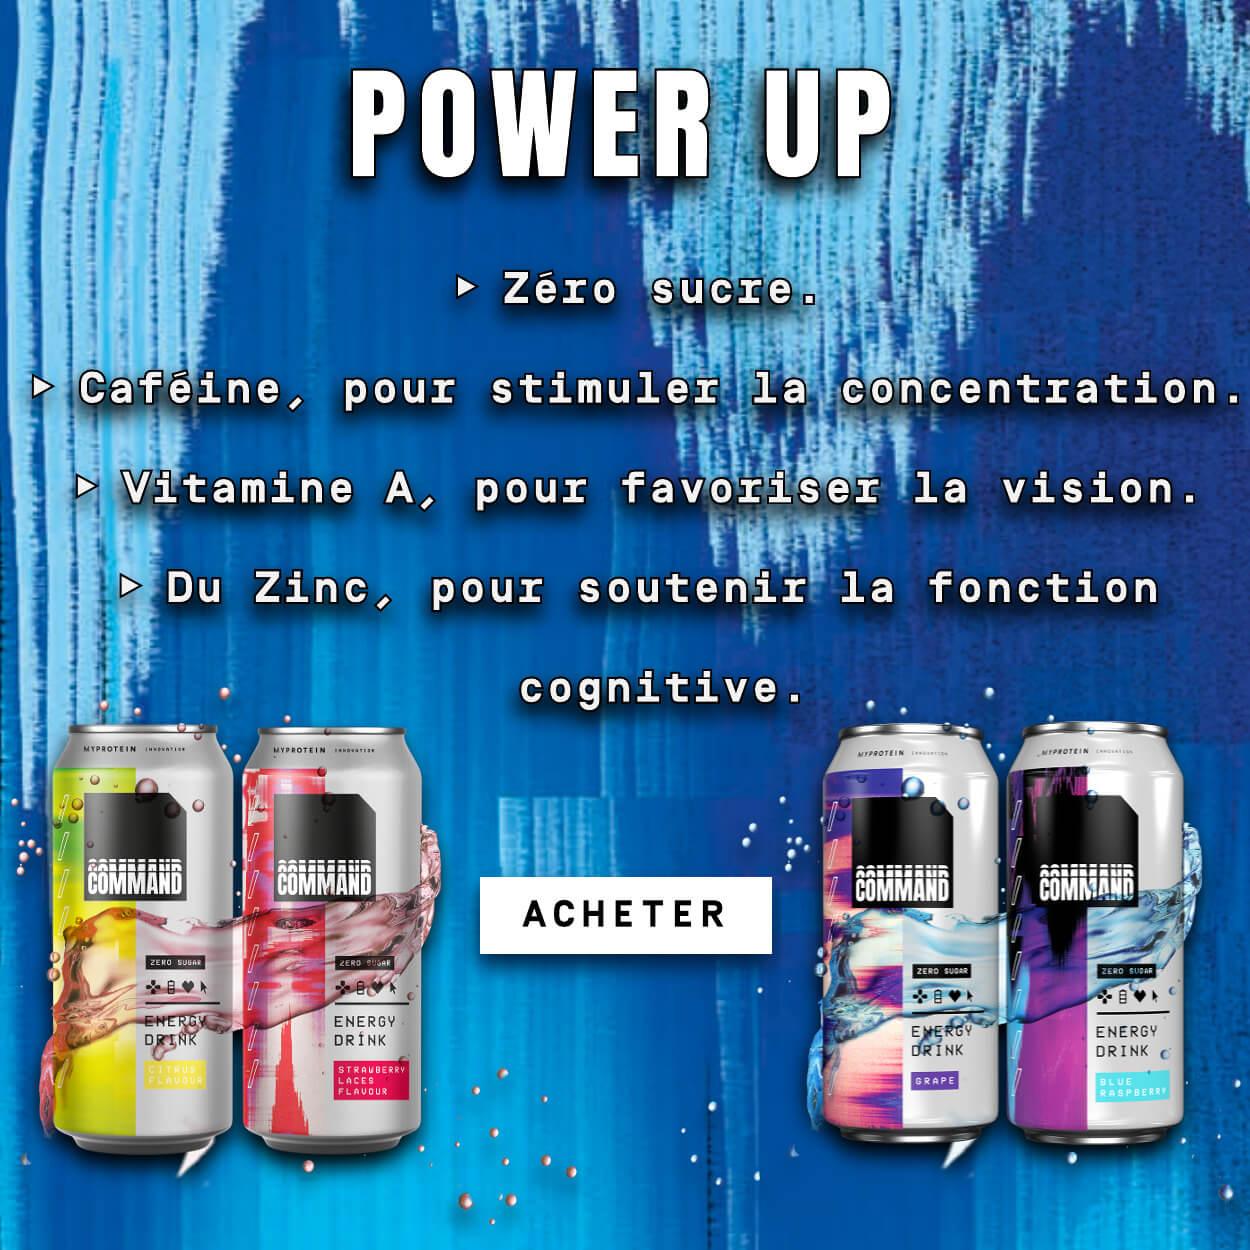 Power Up. Zéro sucre. Cafféine, pour stimuler la concentration. Vitamine A, pour favoriser vision. Zinc, pour soutenir la fonction cognitive. Acheter.